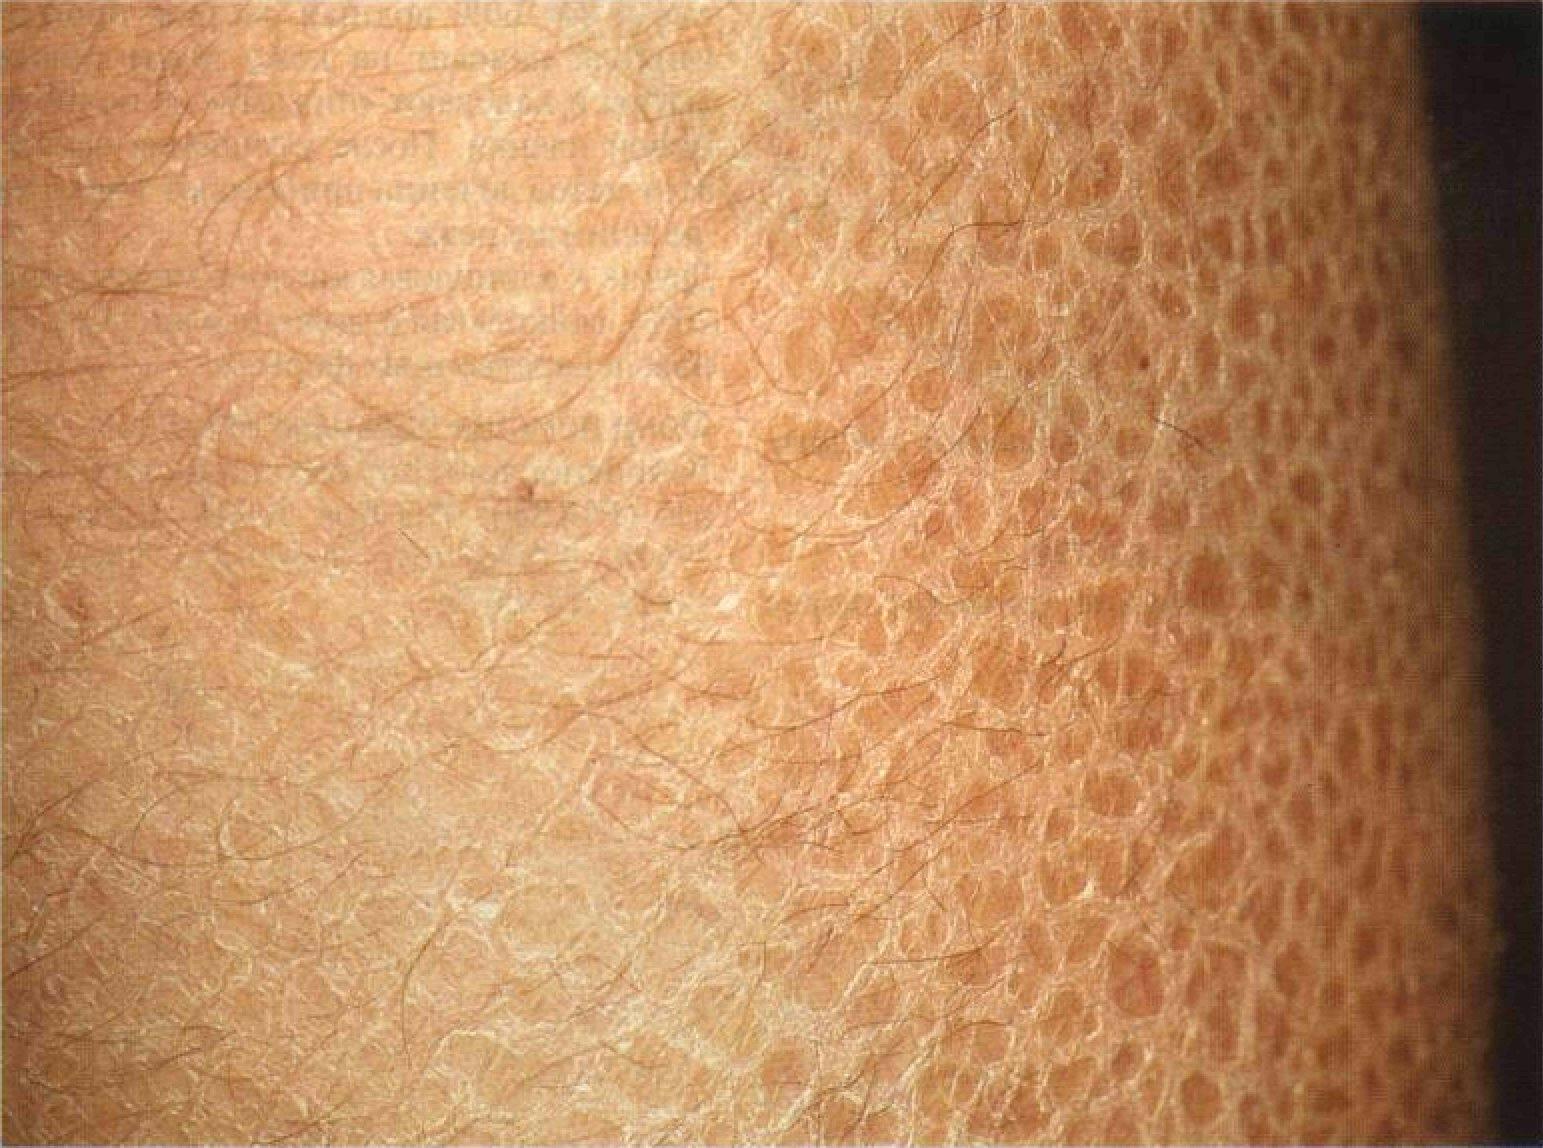 Гиперкератоз шейки матки: причины возникновения и методы лечения